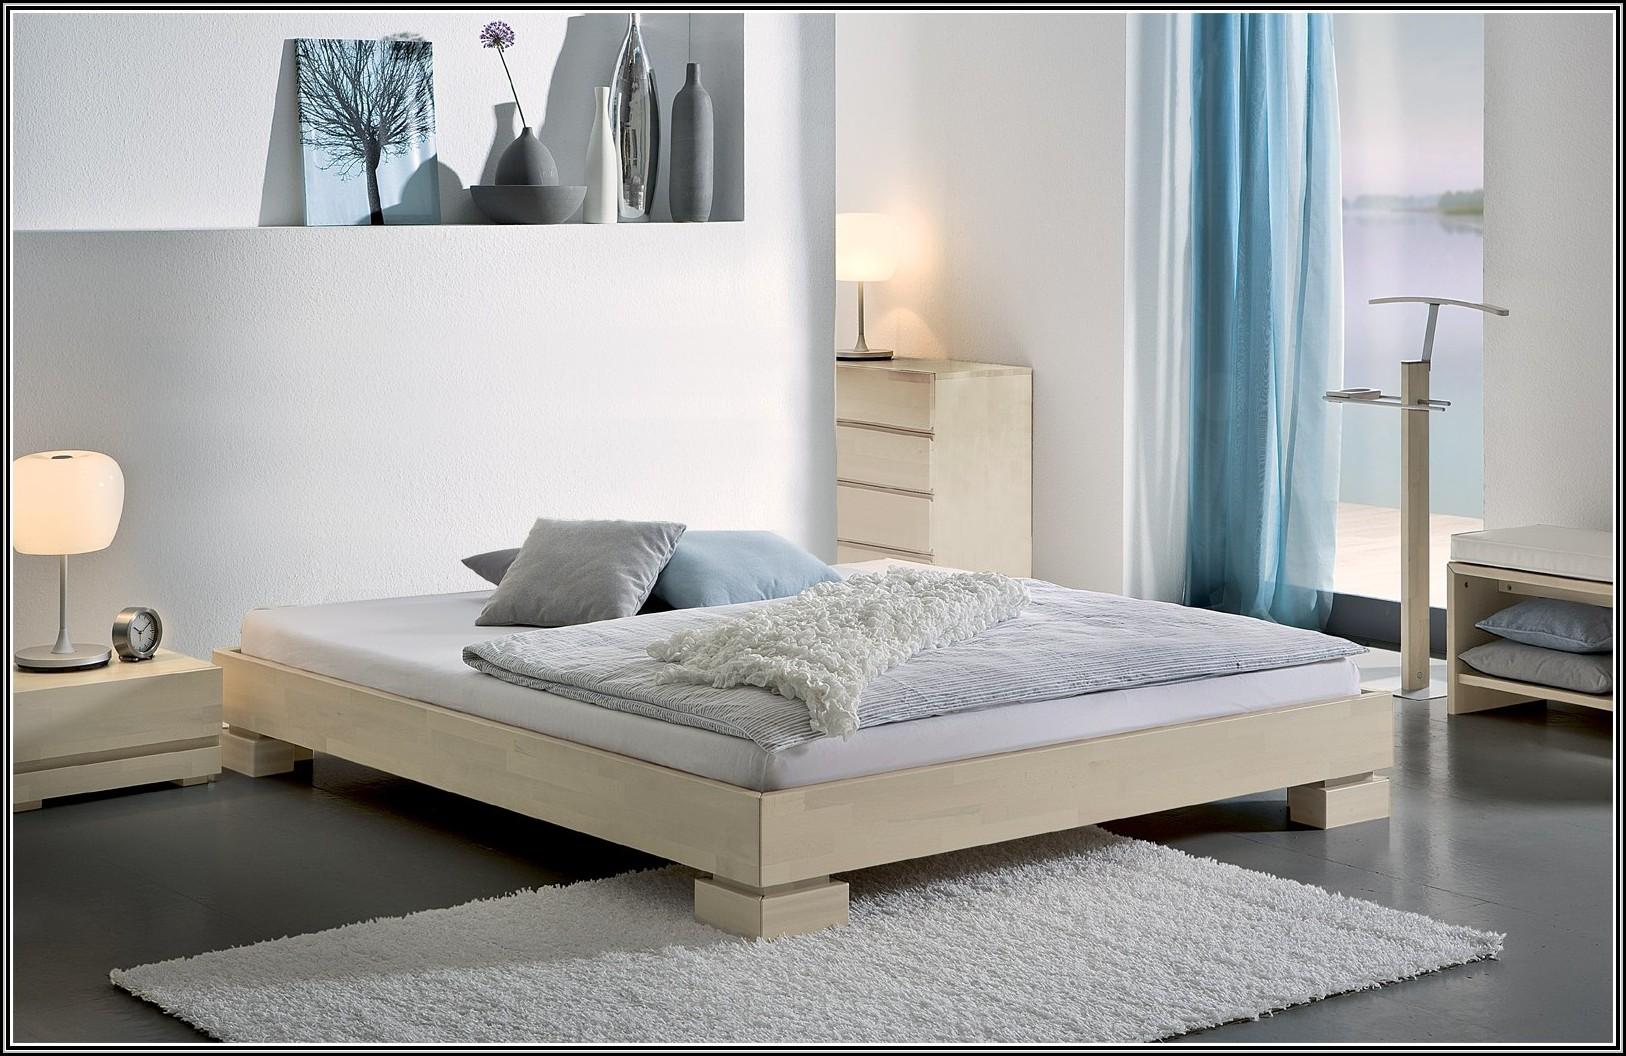 Betten : House Und Dekor Galerie